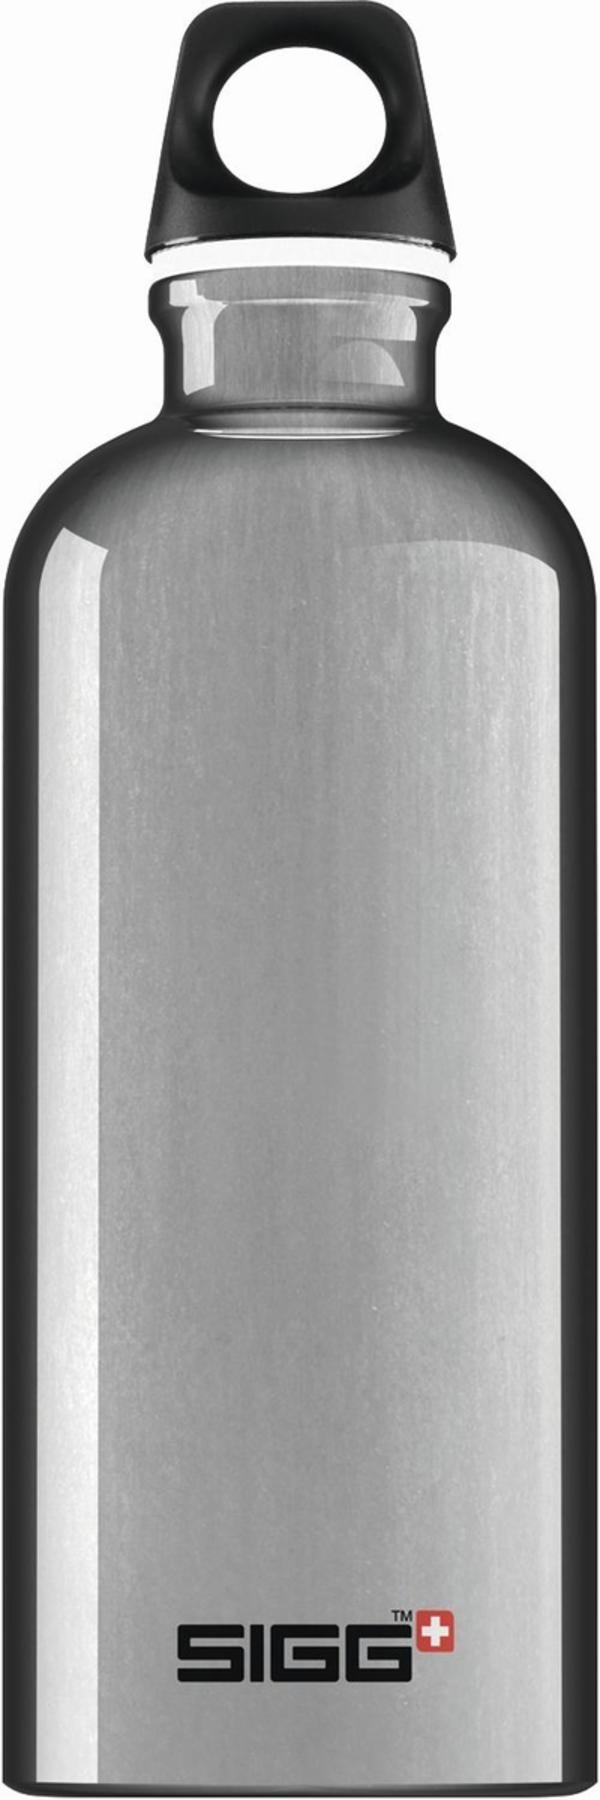 SIGG Trinkflasche Alu Traveller Alu 0.6l